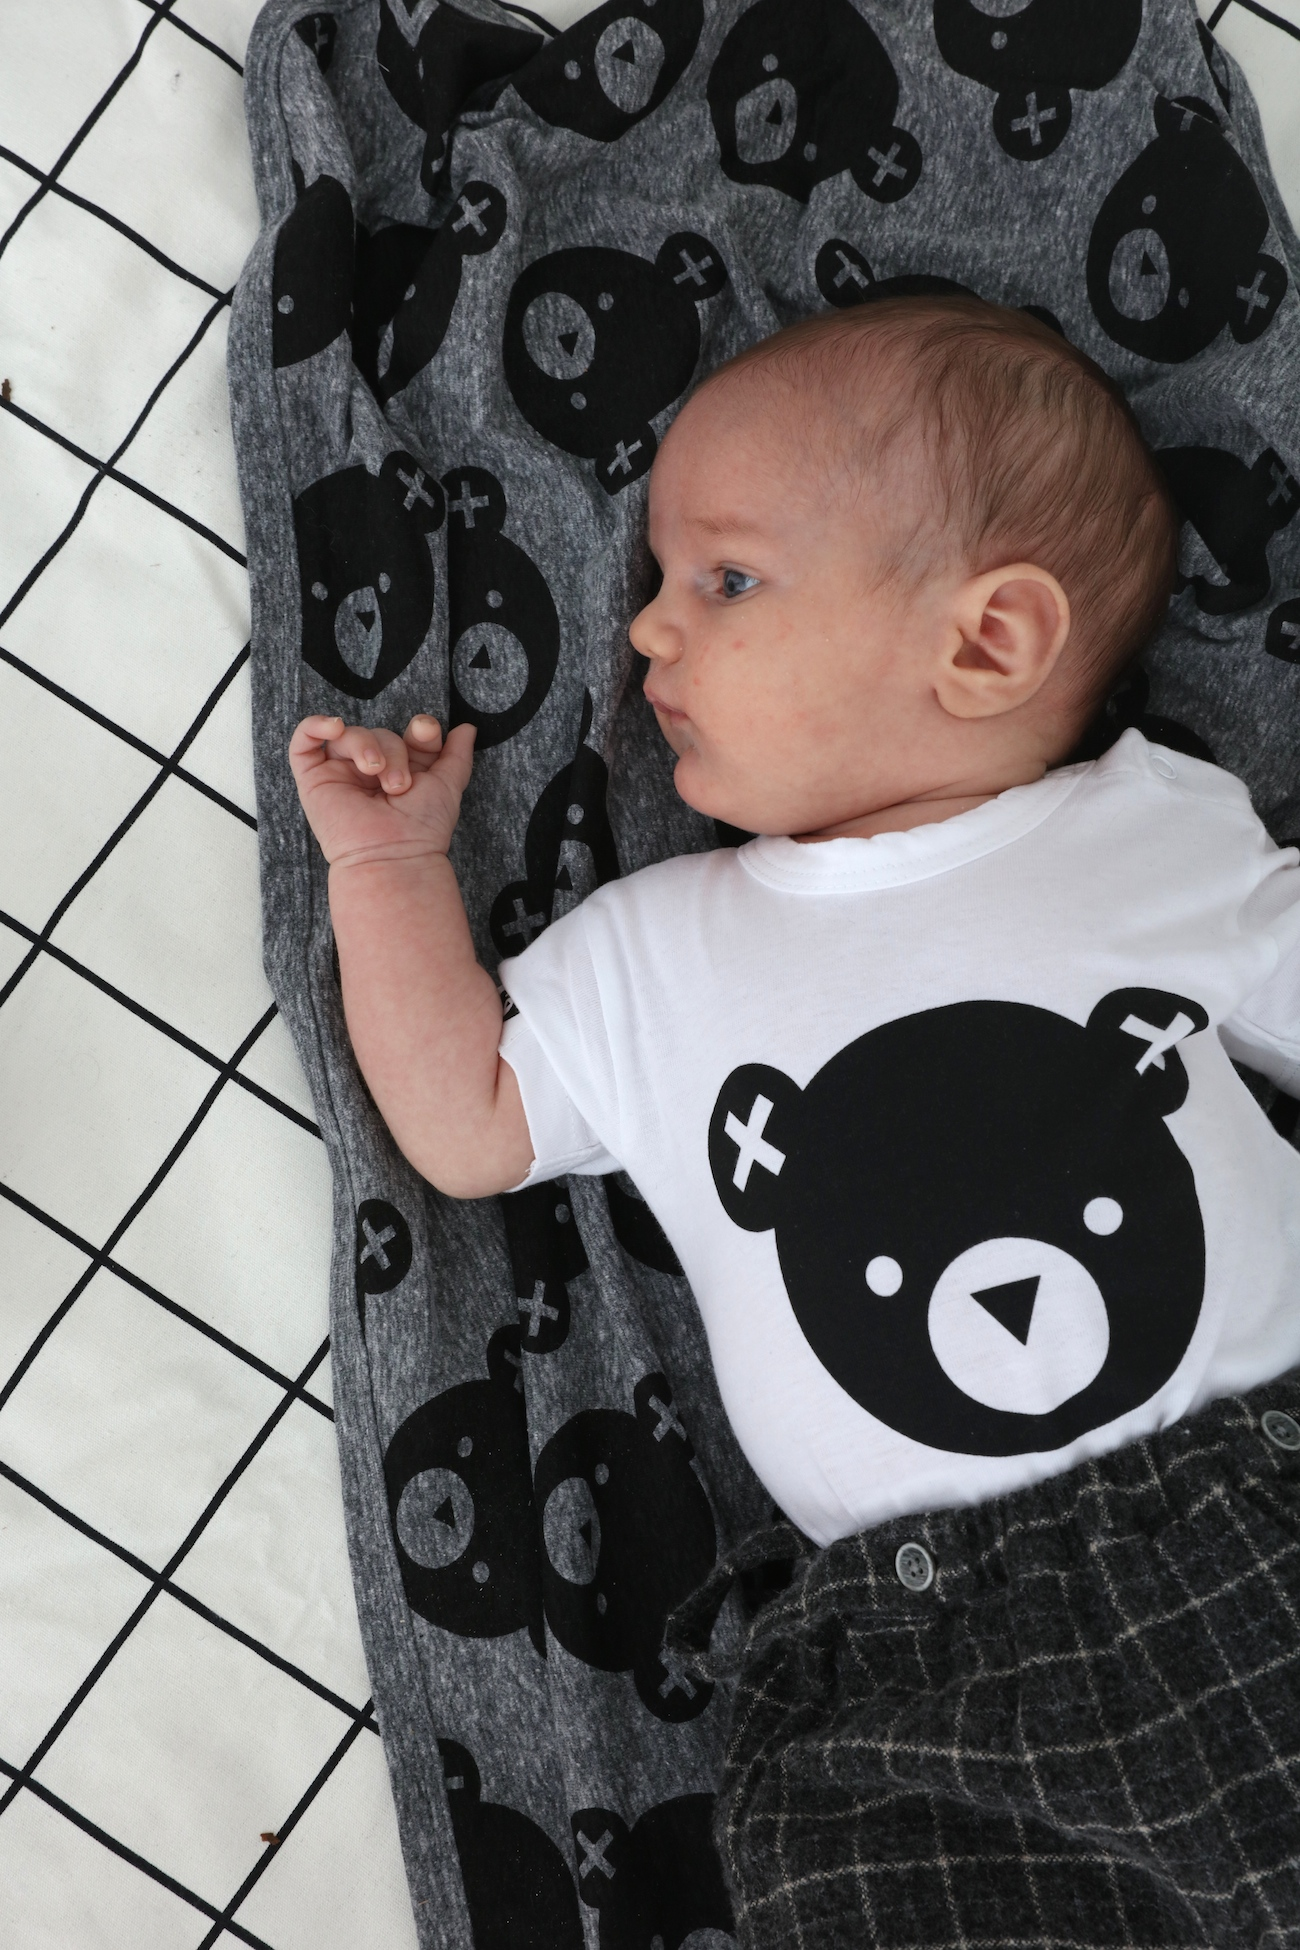 Hux_baby_babygro_bear_monkey_mccoy